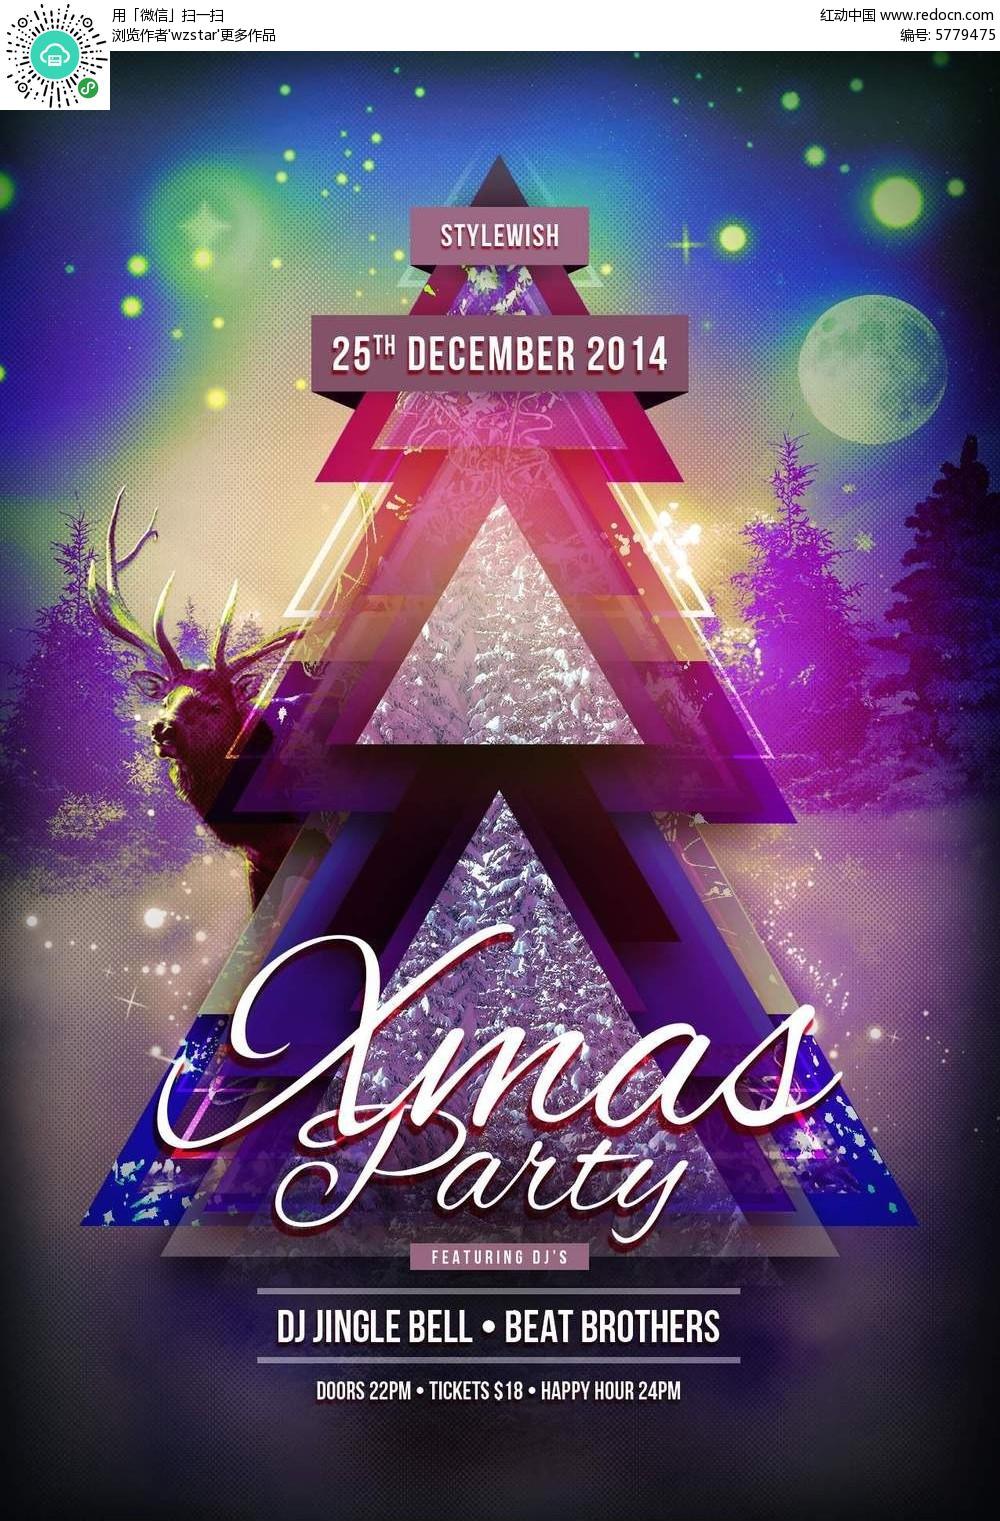 圣诞节海报设计PSD素材免费下载 编号5779475 红动网